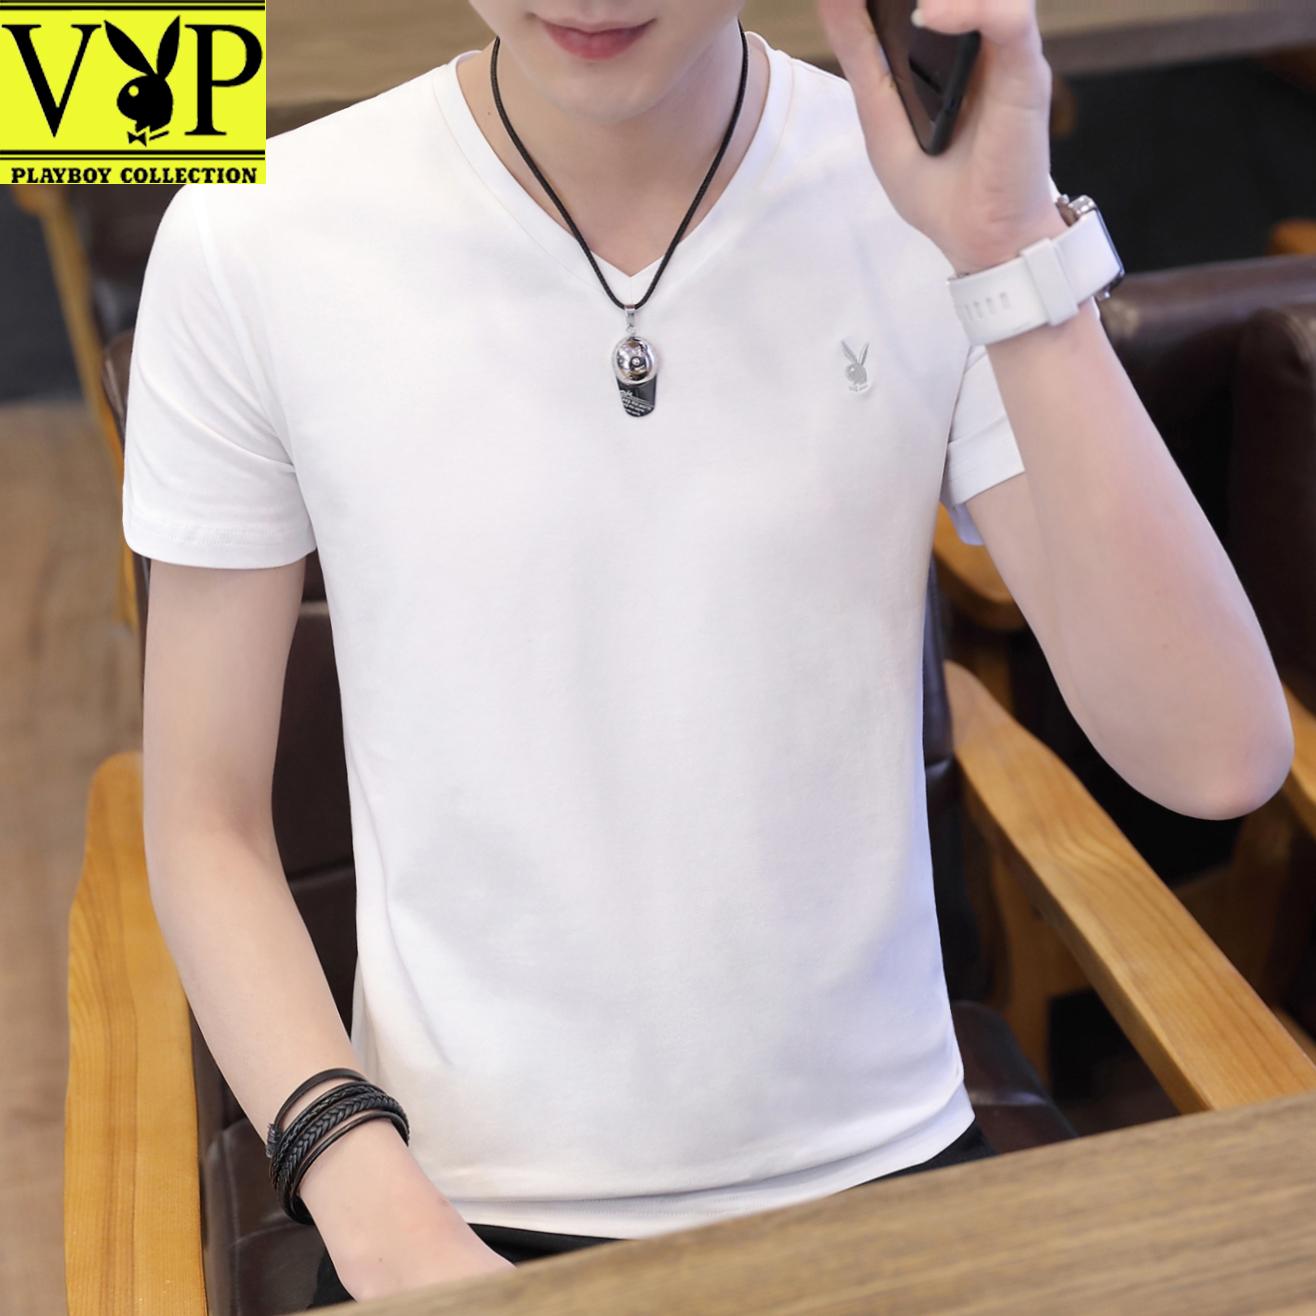 花花公子贵宾男士夏季短袖t恤男装2018新款韩版潮流V领纯色打底衫